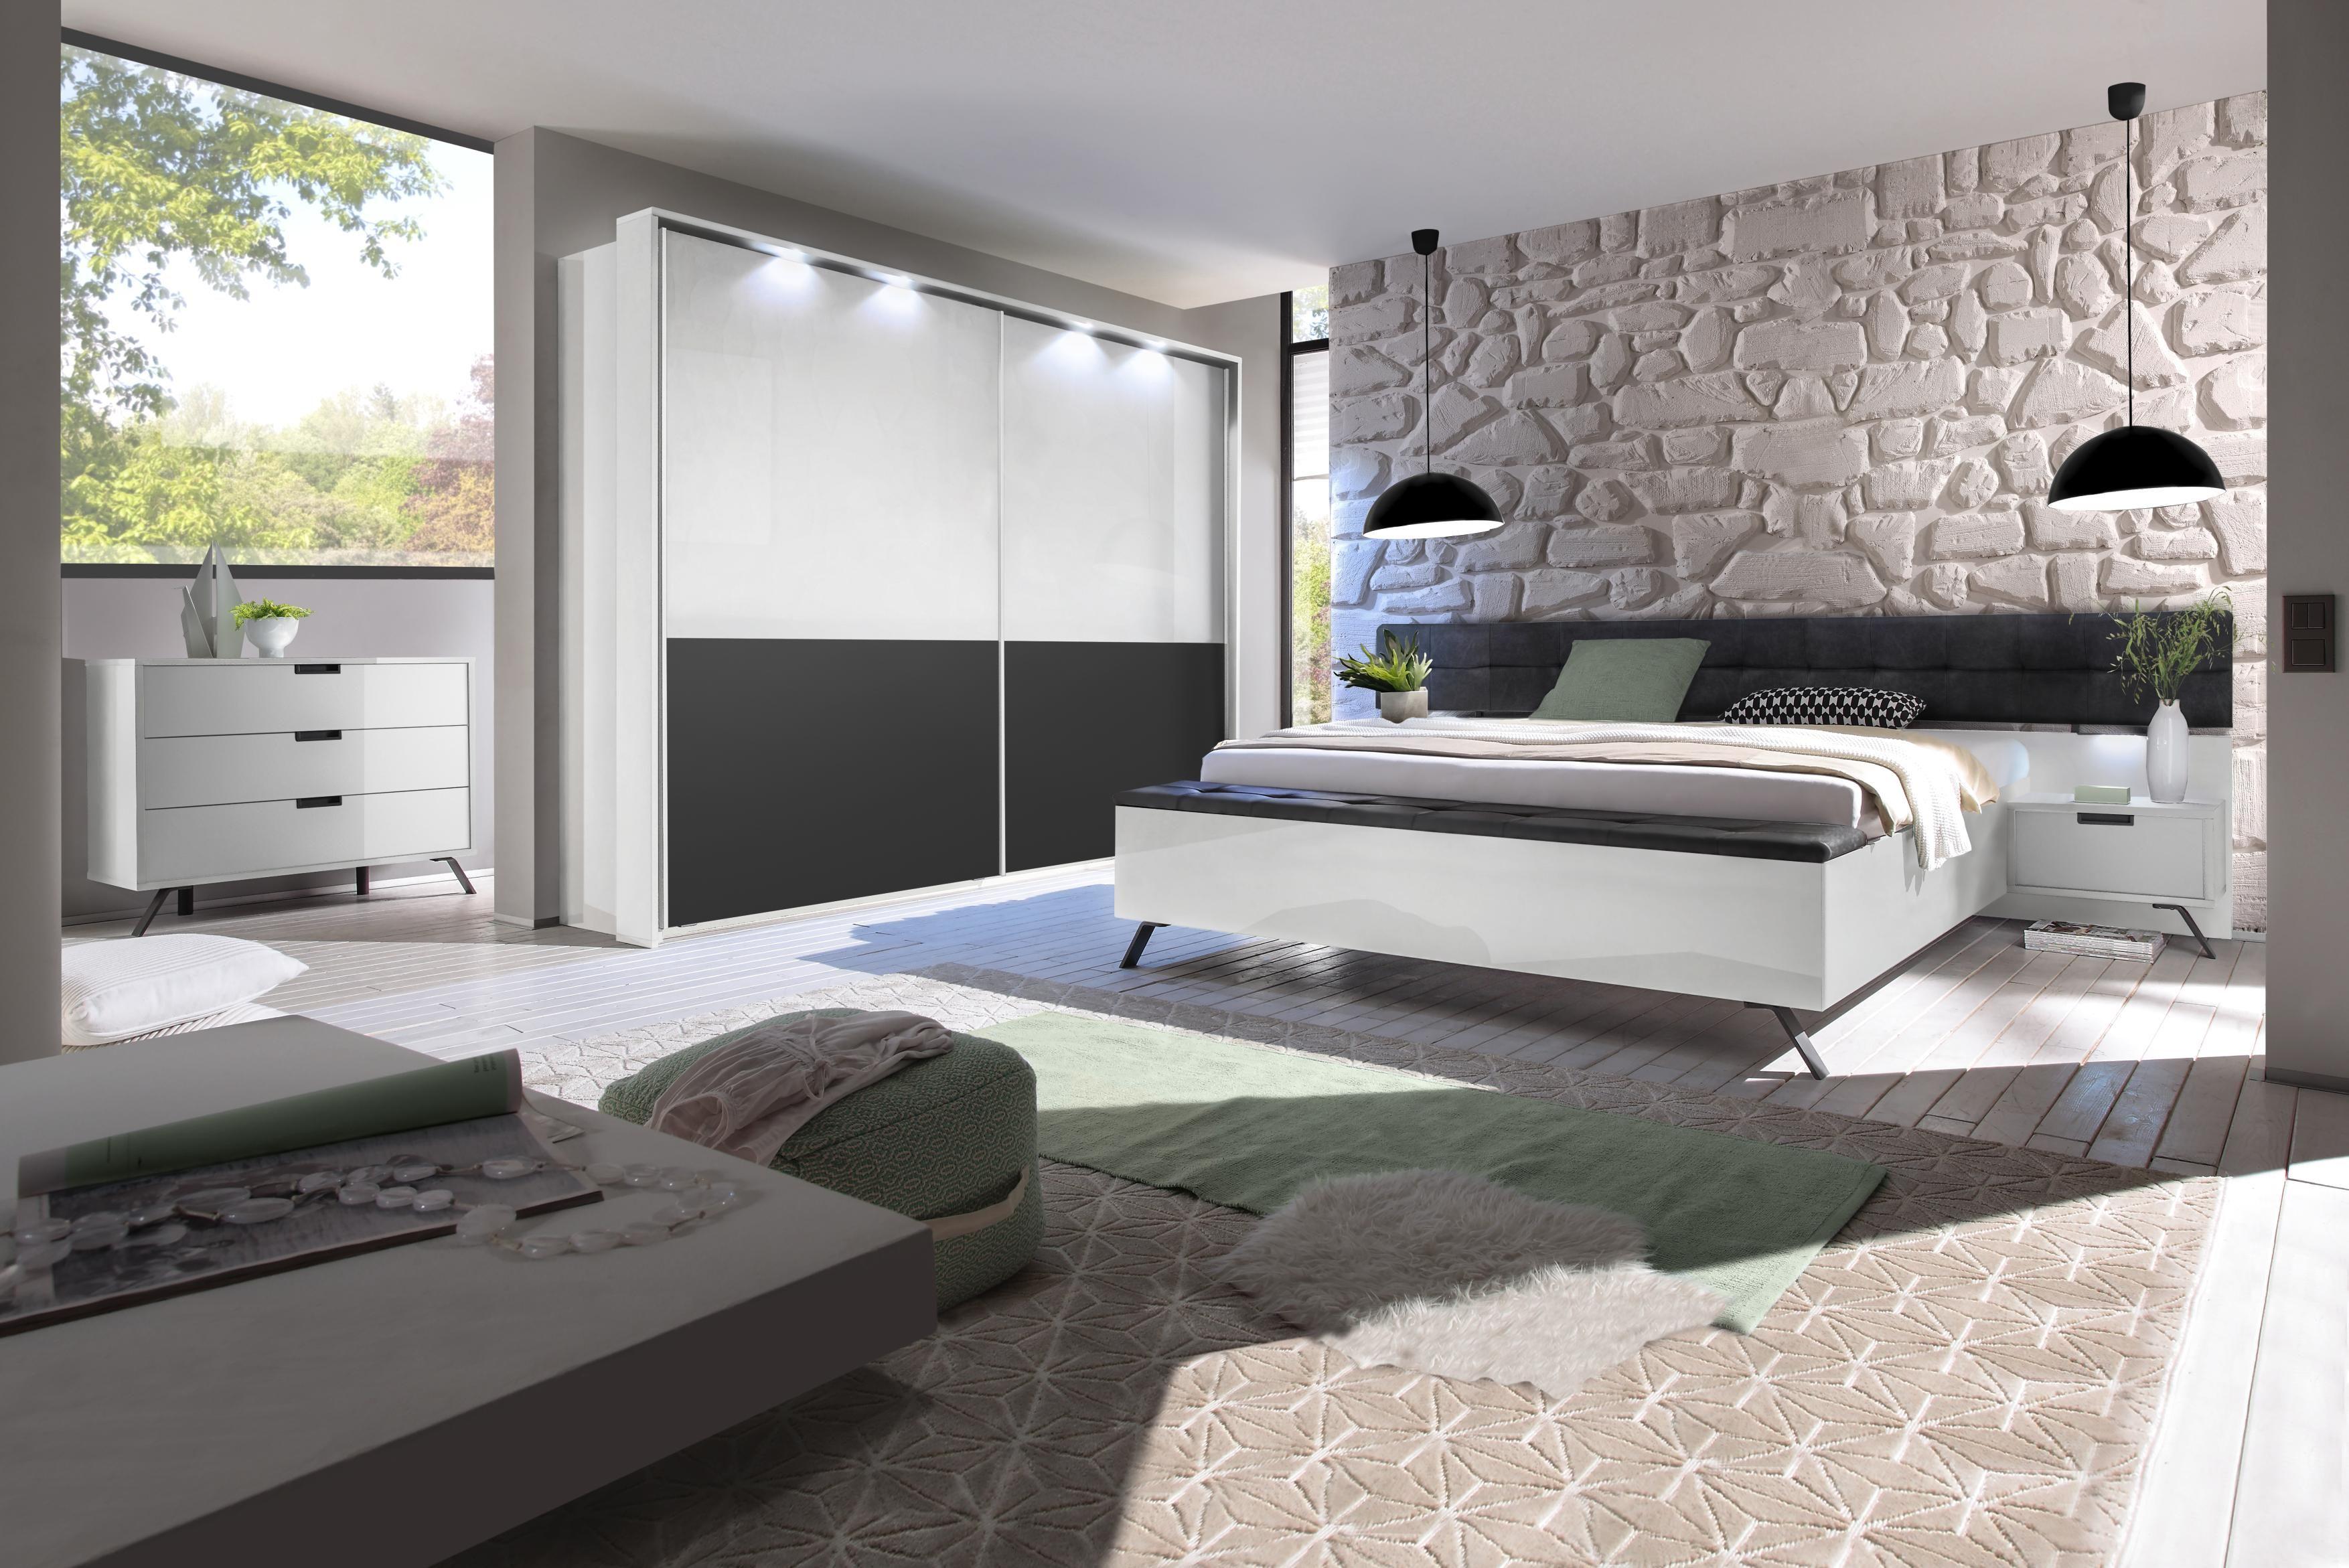 4teiliges Schlafzimmer moderner Look in Weiß & Anthrazit